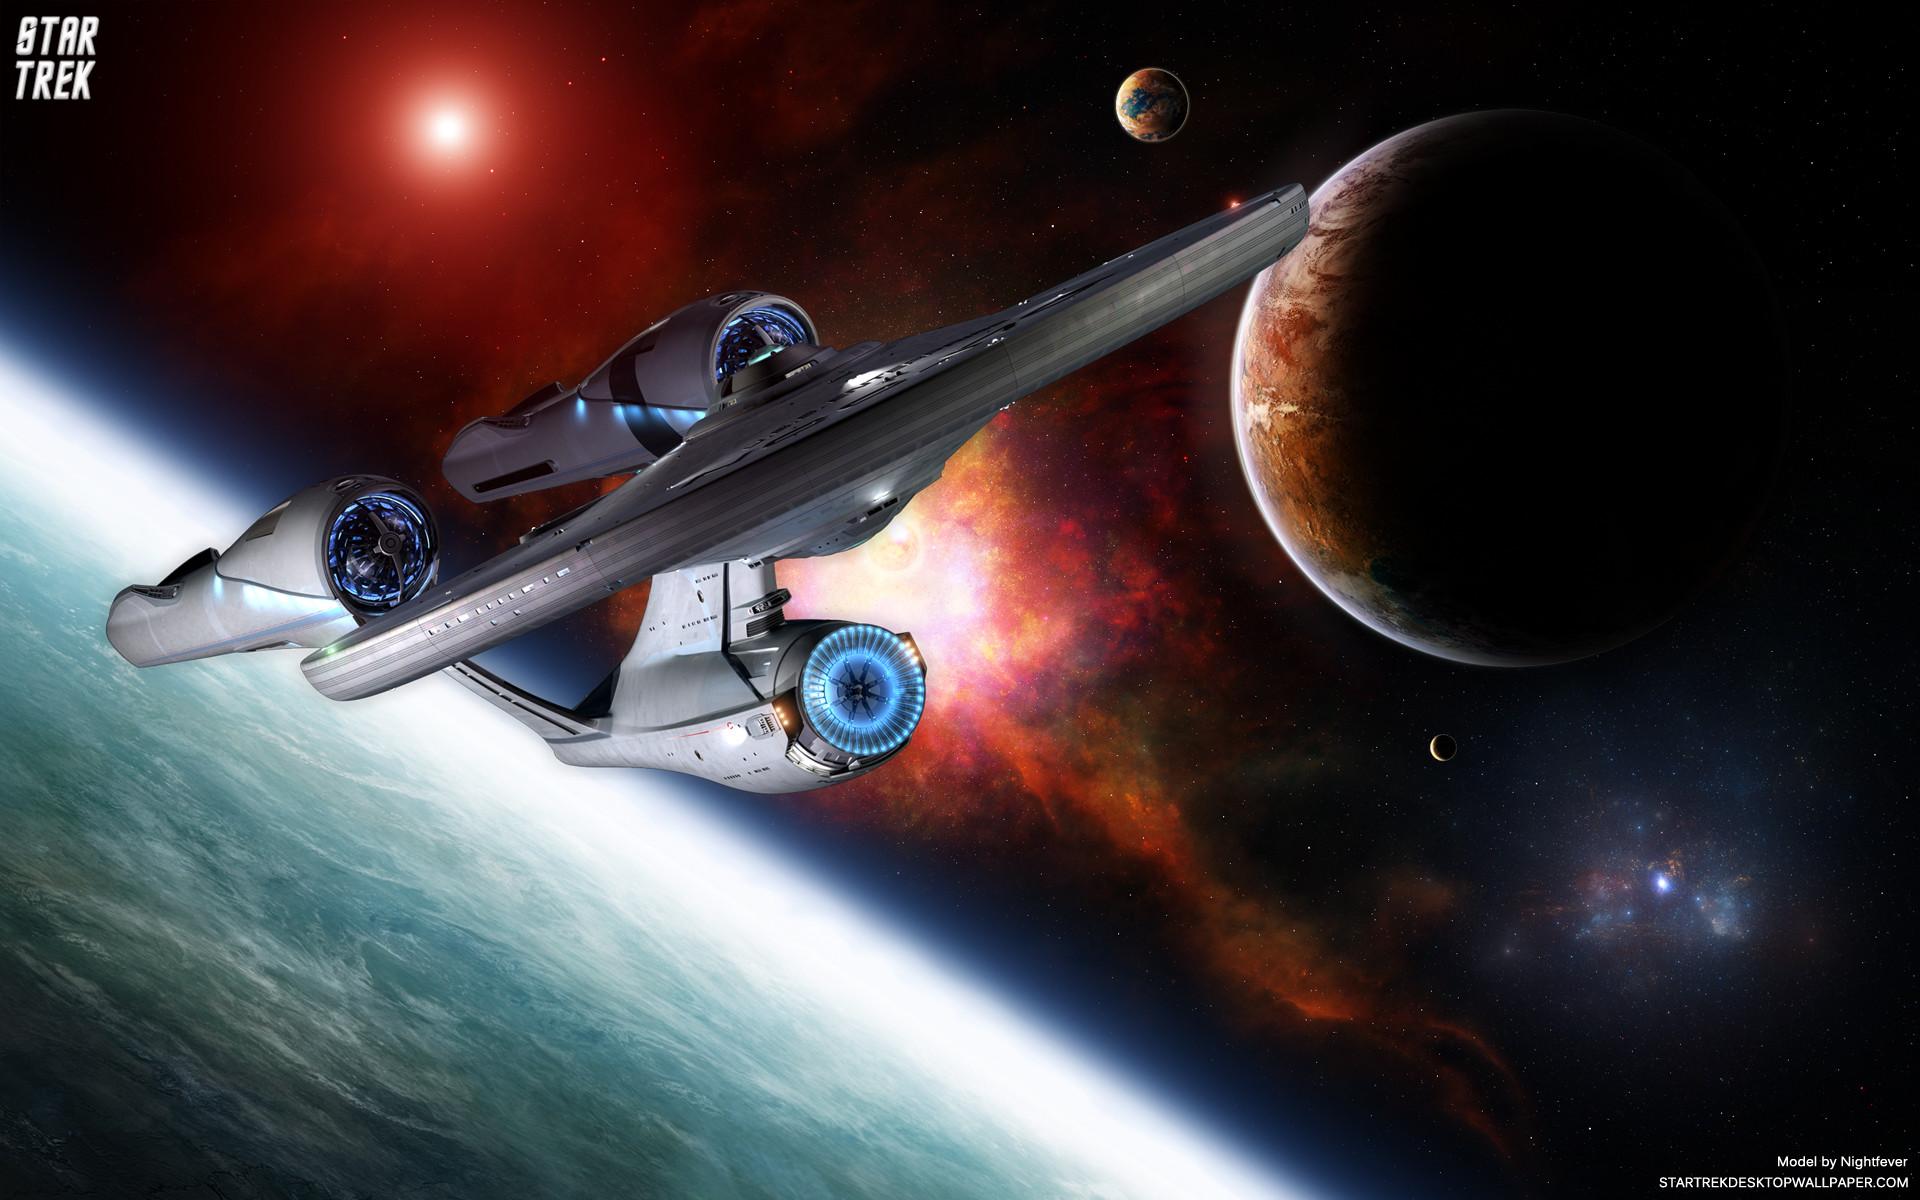 Wallpaper Star Trek 73 Pictures